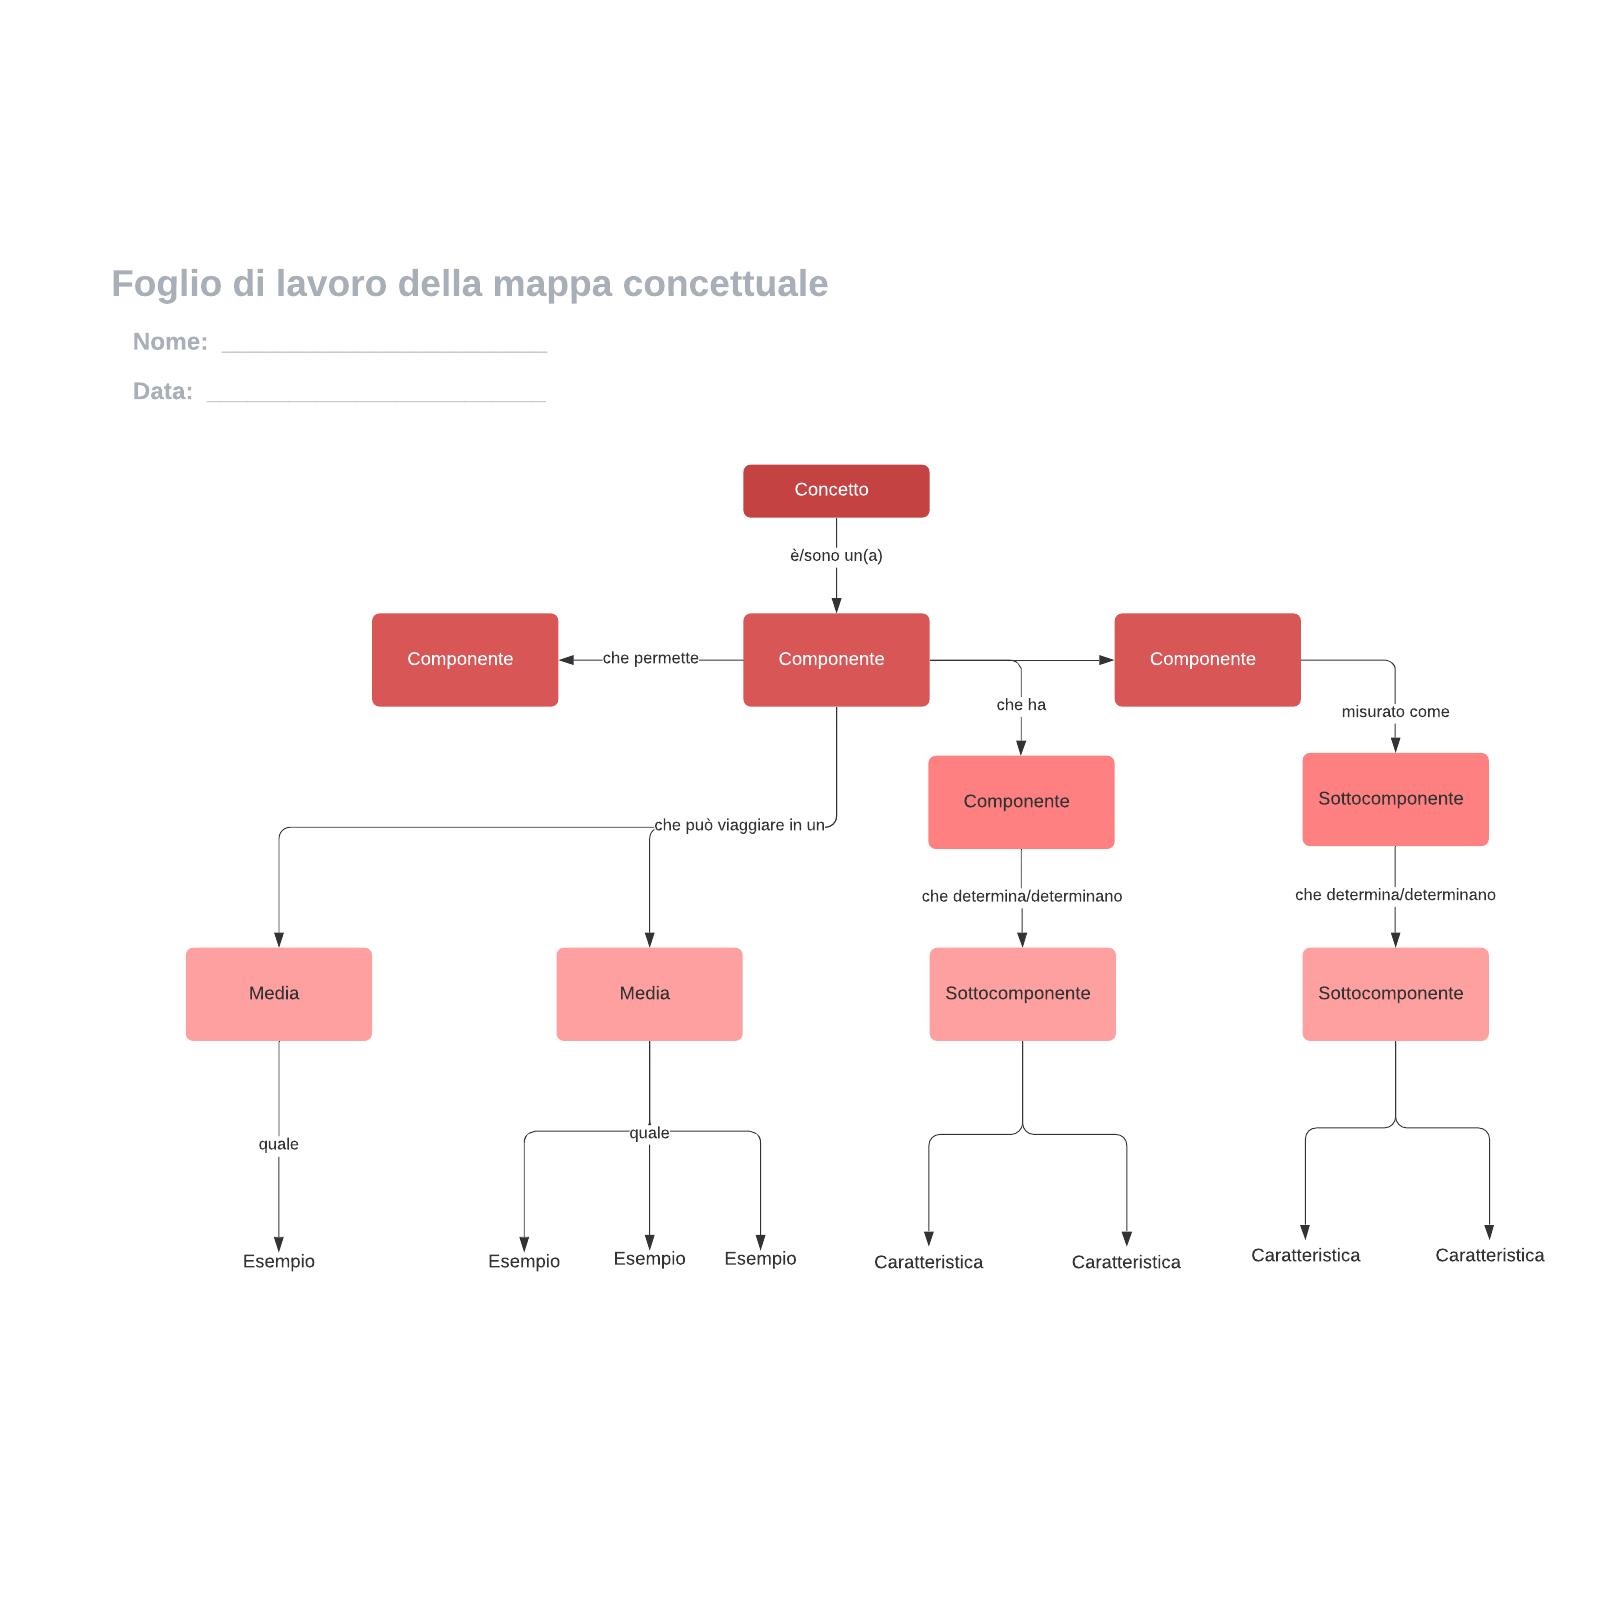 Foglio di lavoro della mappa concettuale